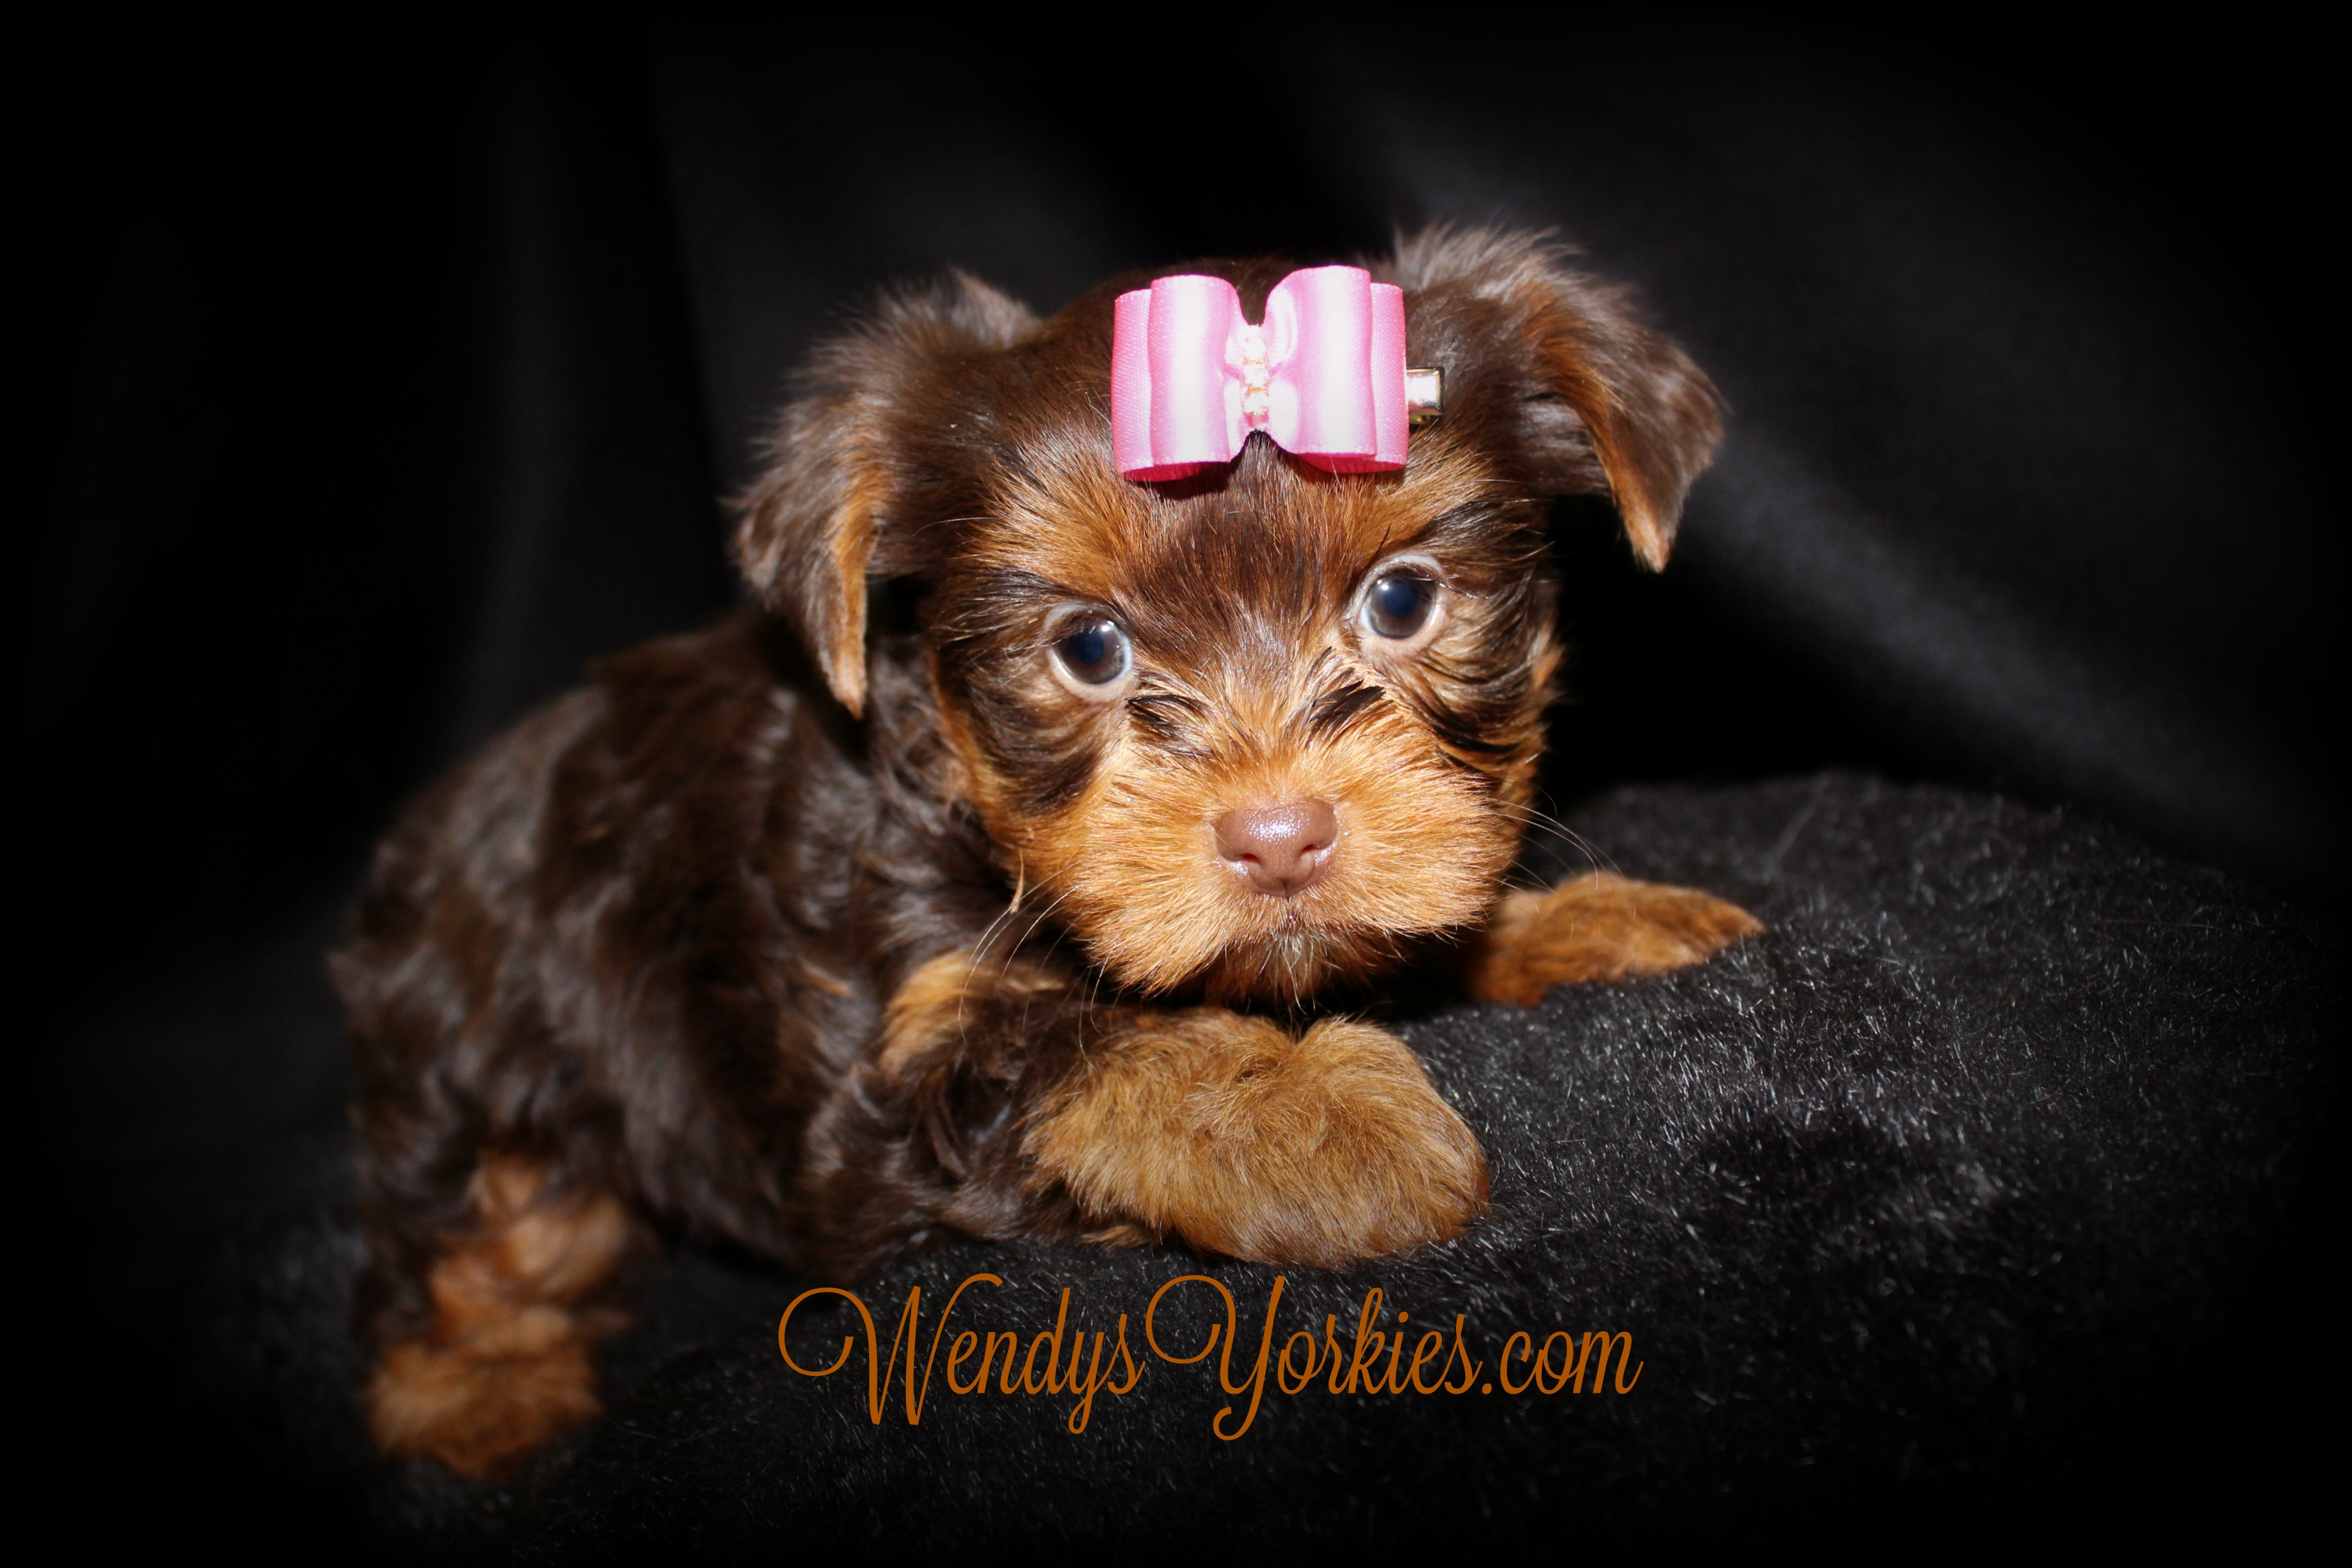 Teacup Chocolate Yorkie puppy for sale, WEndysYorkies, Lela cf1